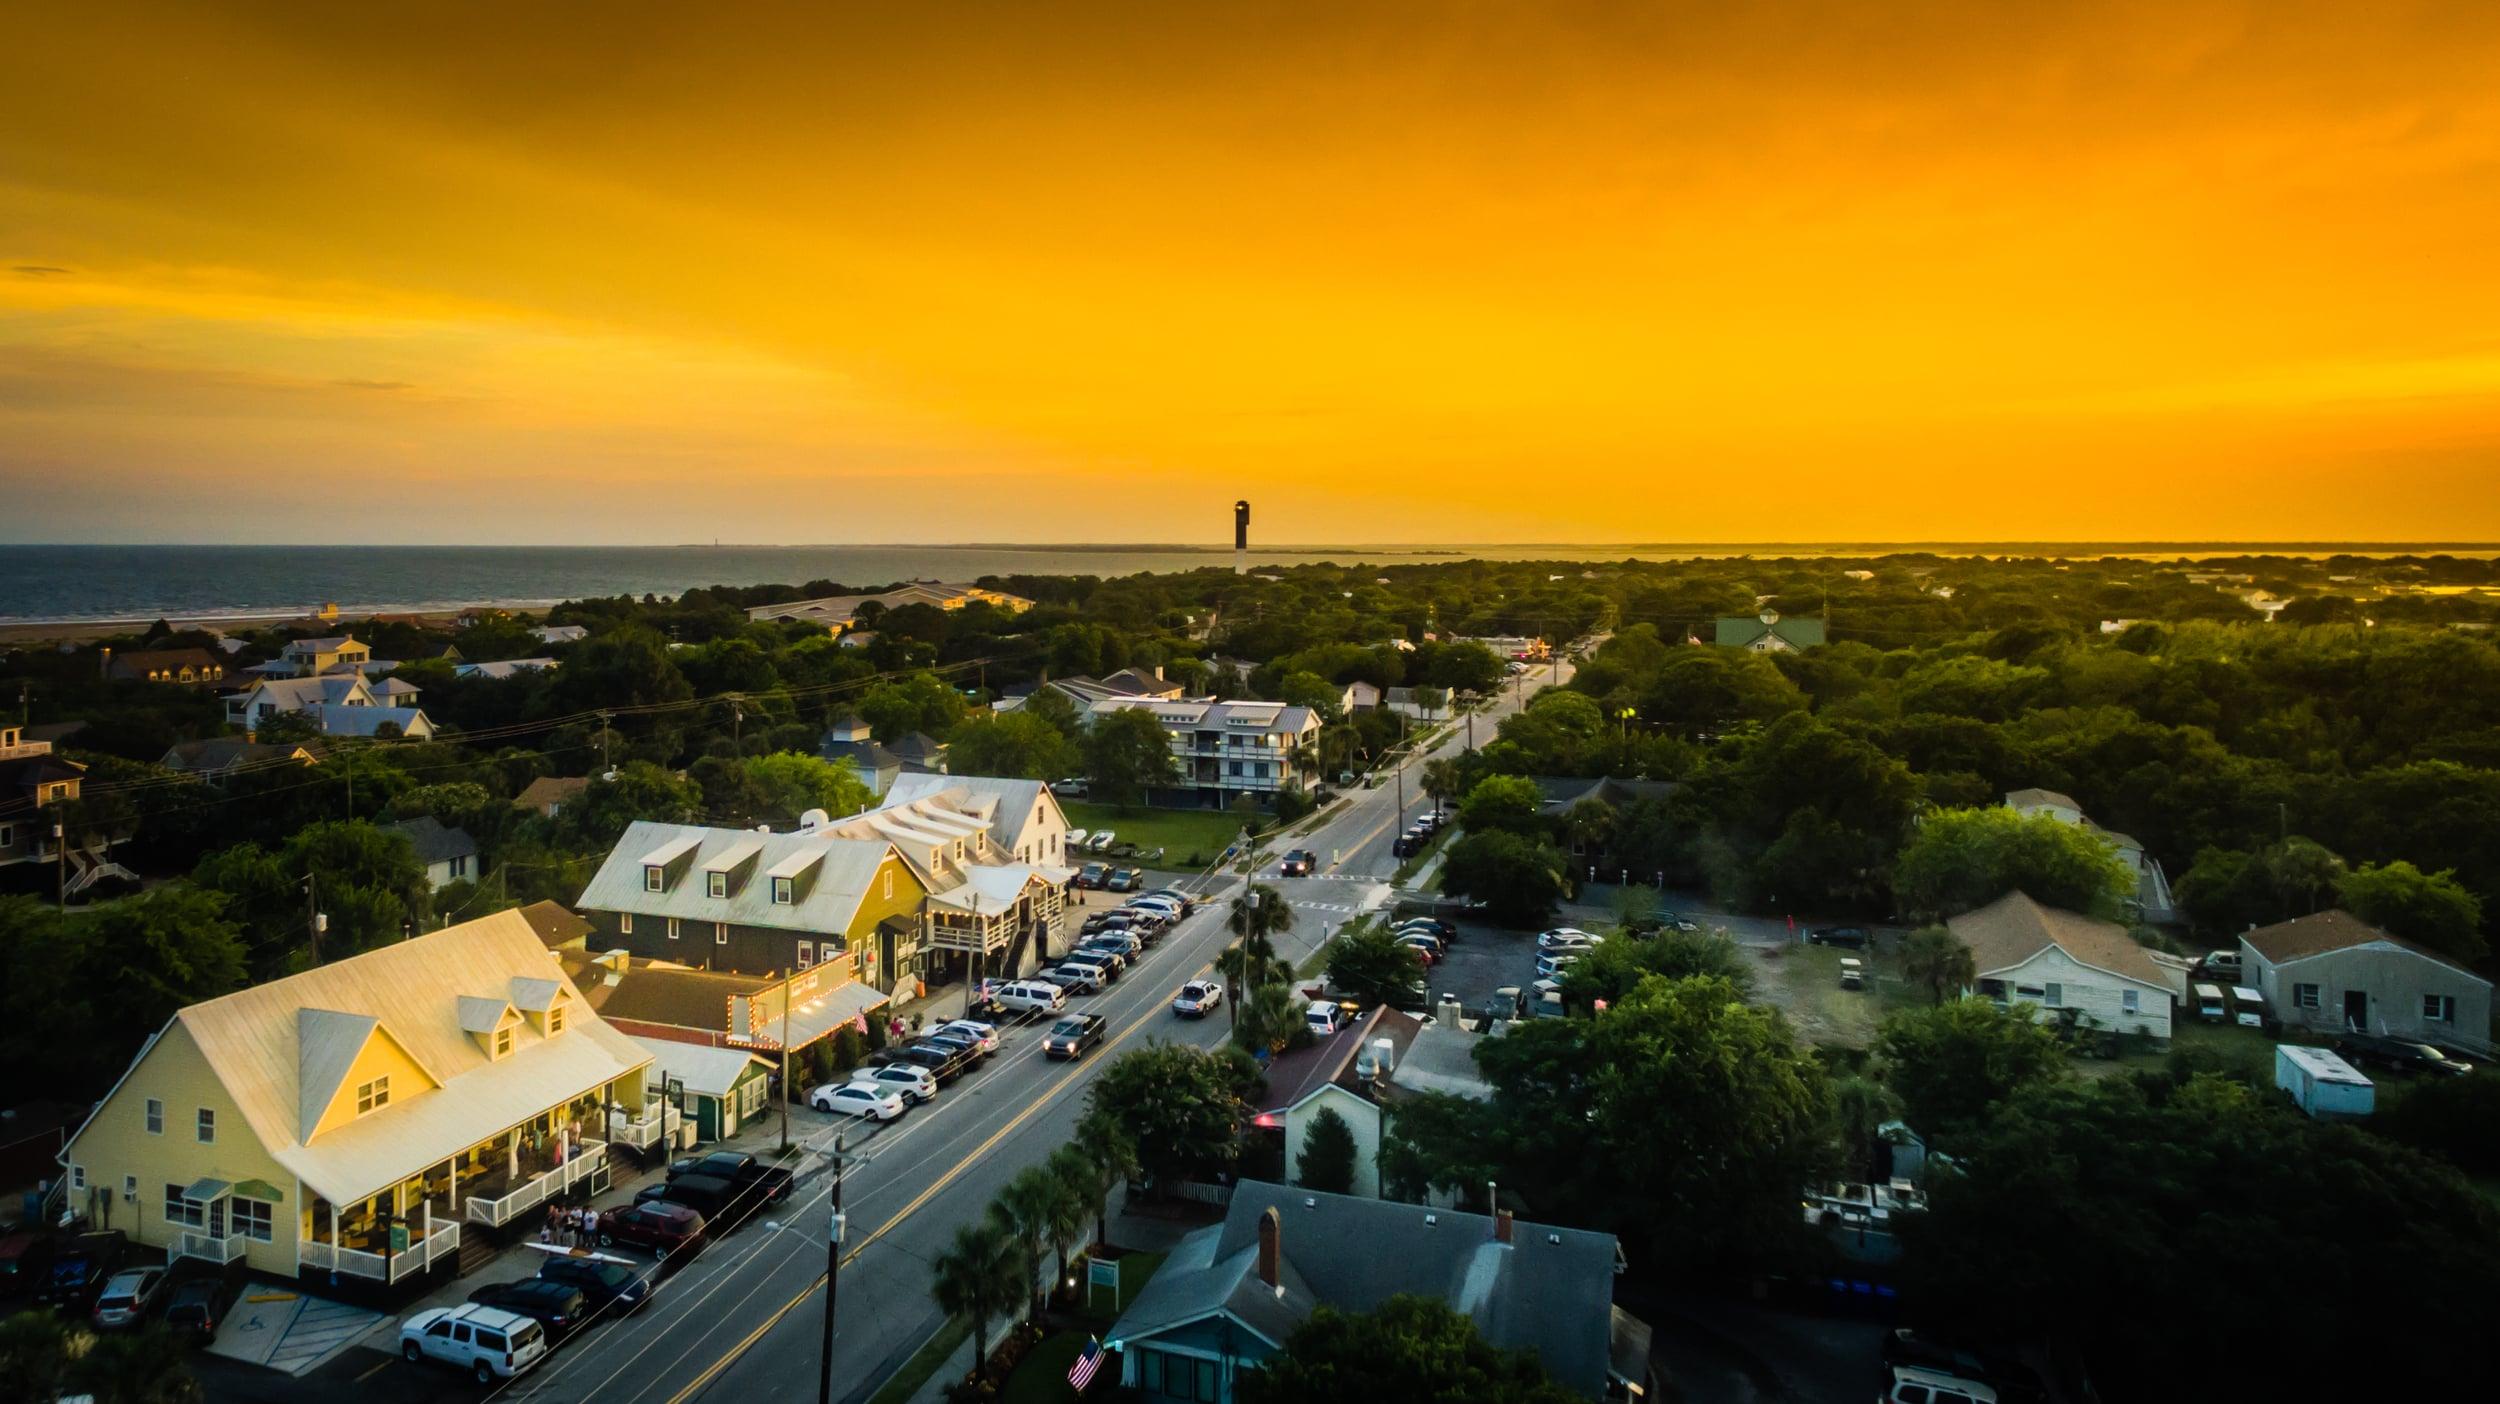 Sunset over Sullivan's Island